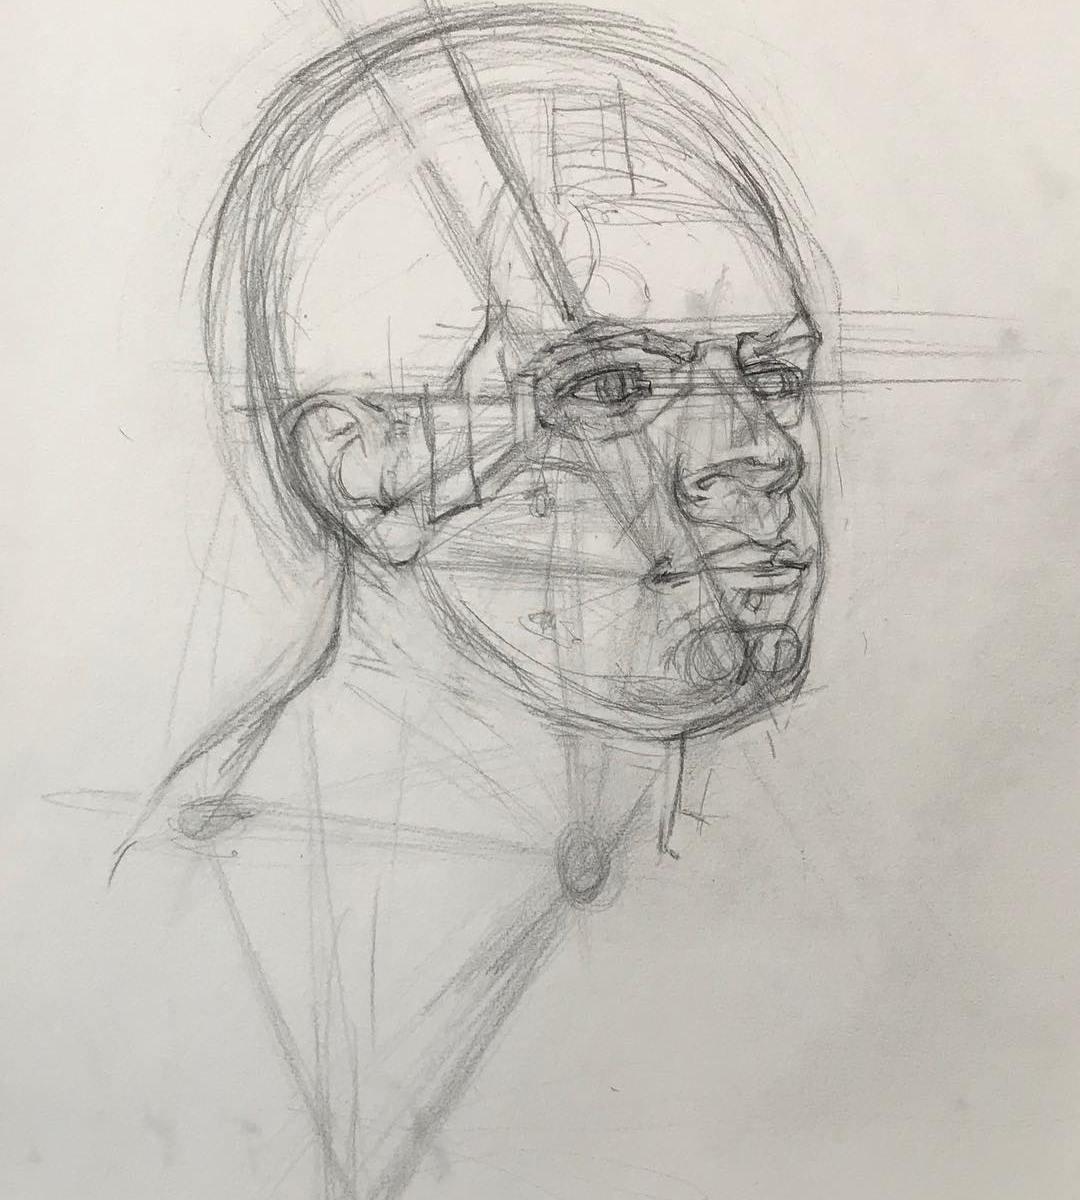 Newberry, Triangulation Portrait Study, Graphite